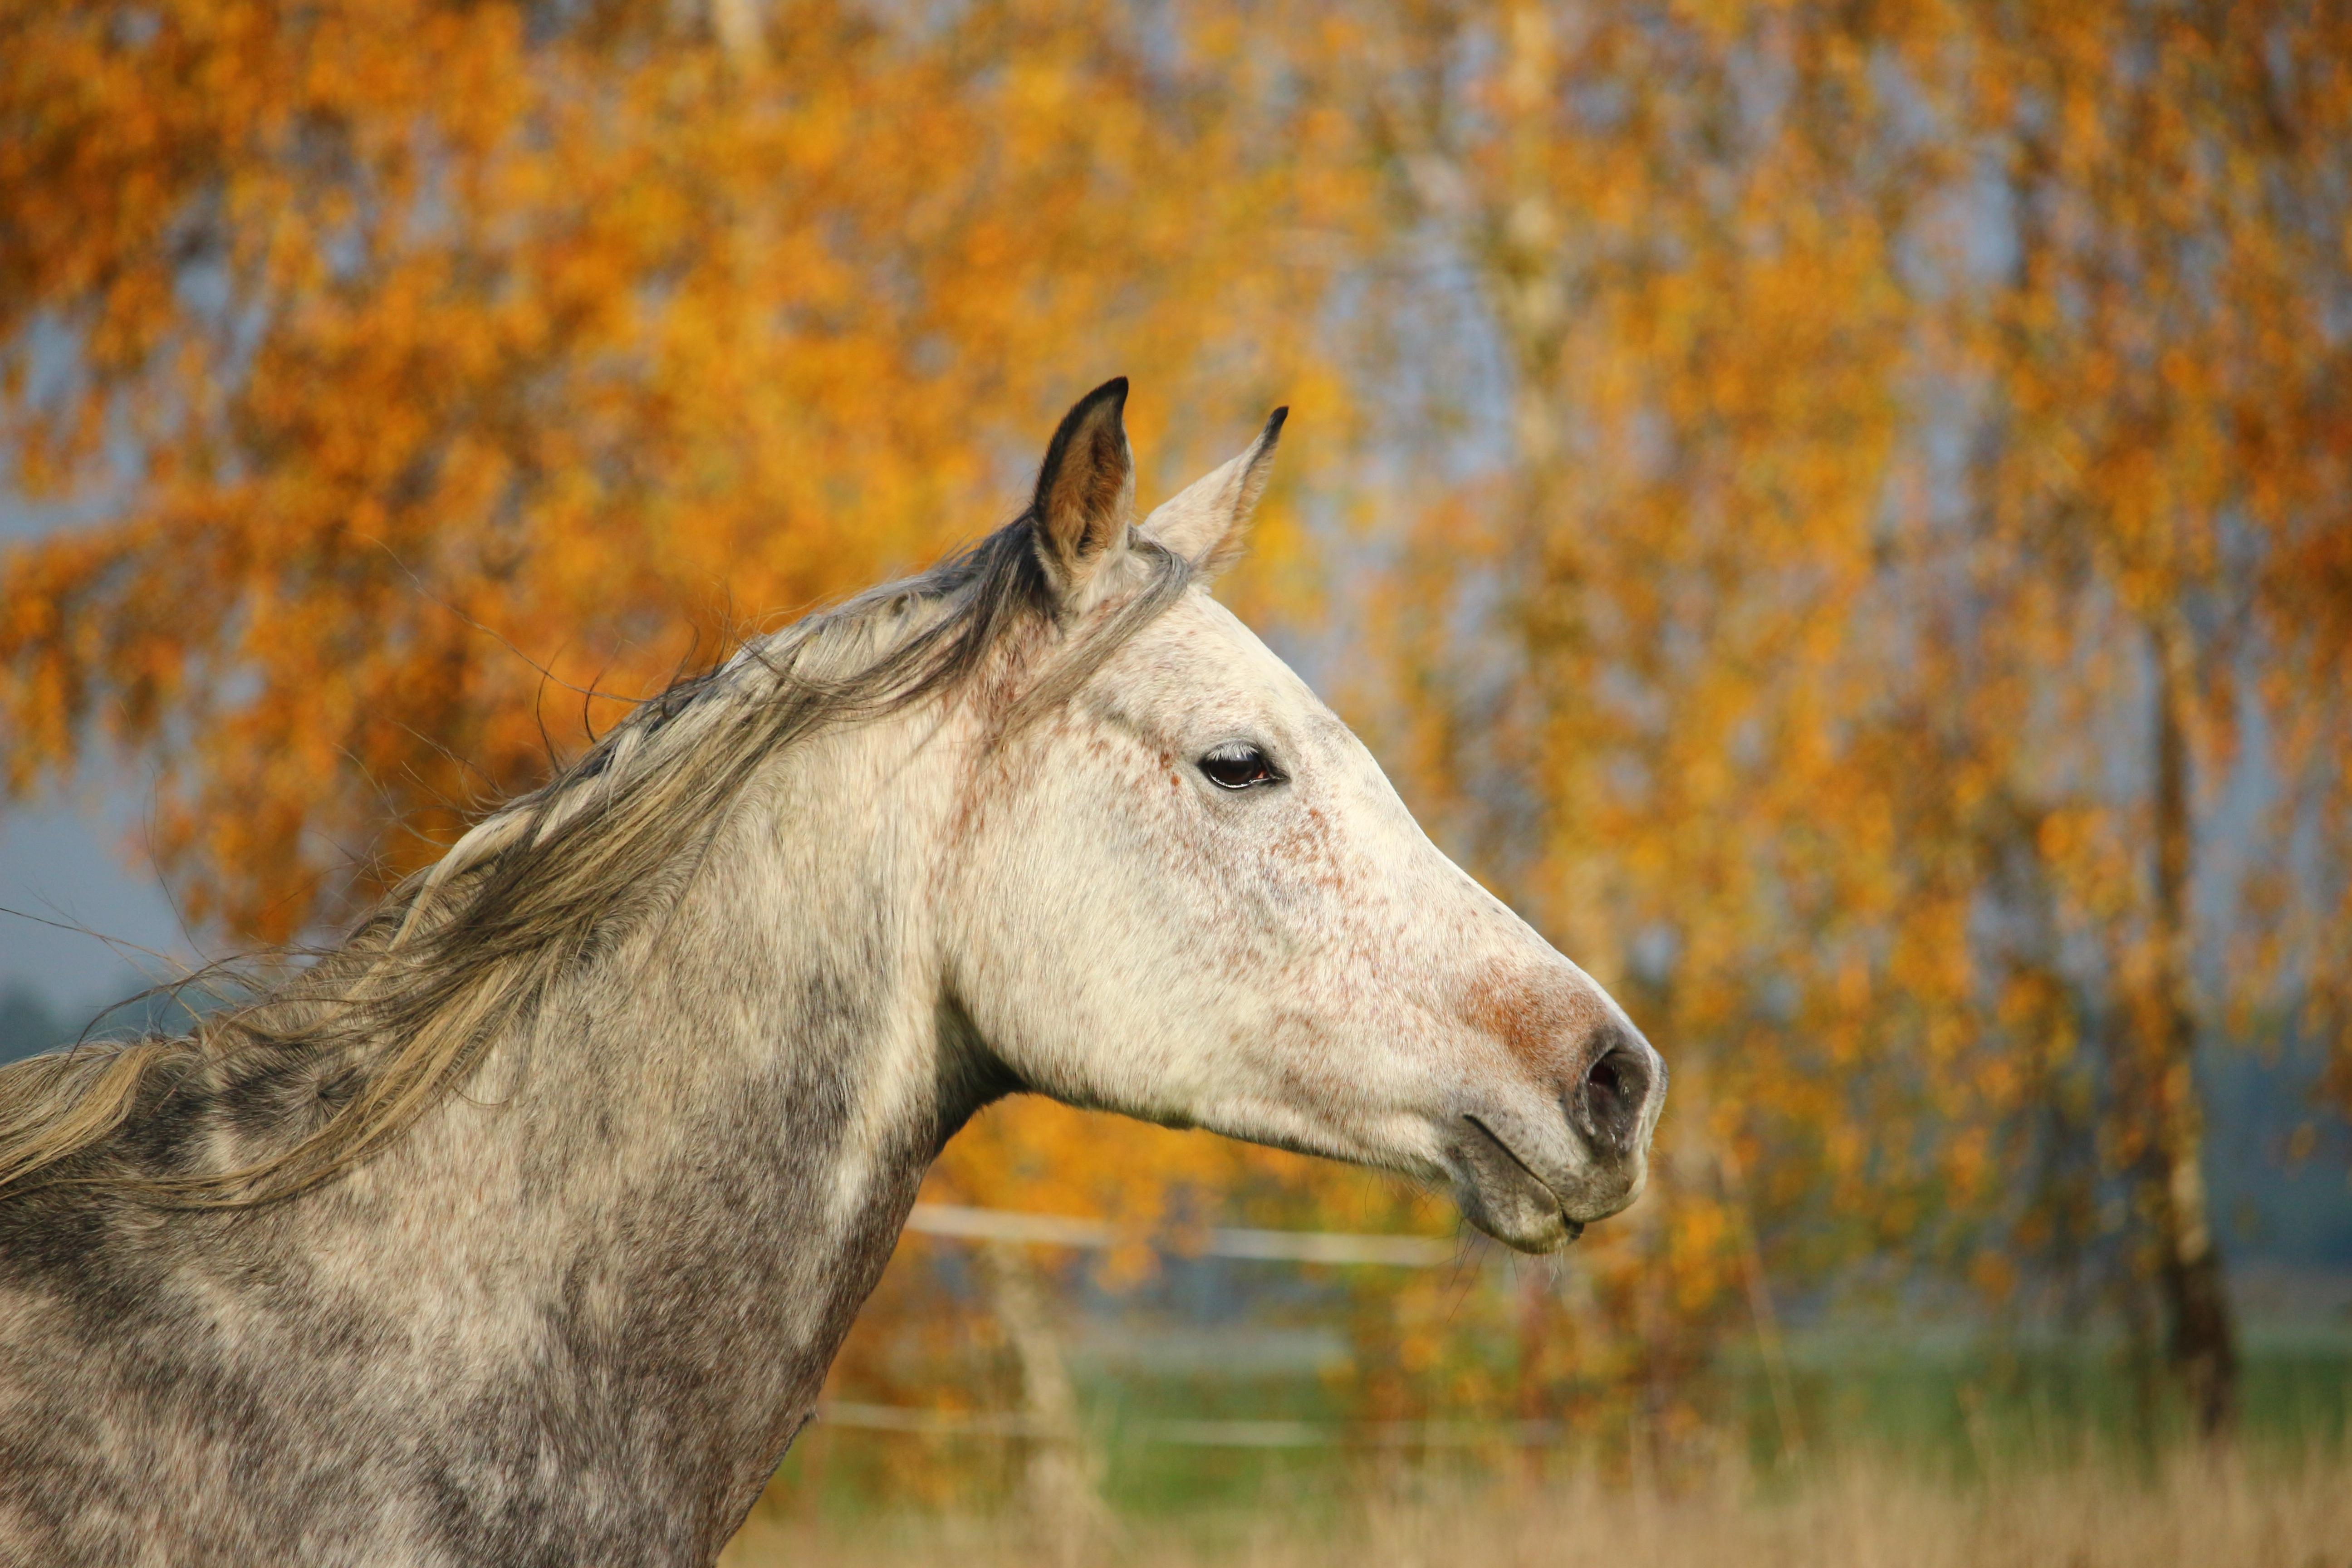 zvěř a rostlinstvo pastvina kůň podzim savec hřebec hříva fauna obratlovců  kobyla plíseň hříbě hlava koně b1d7966404